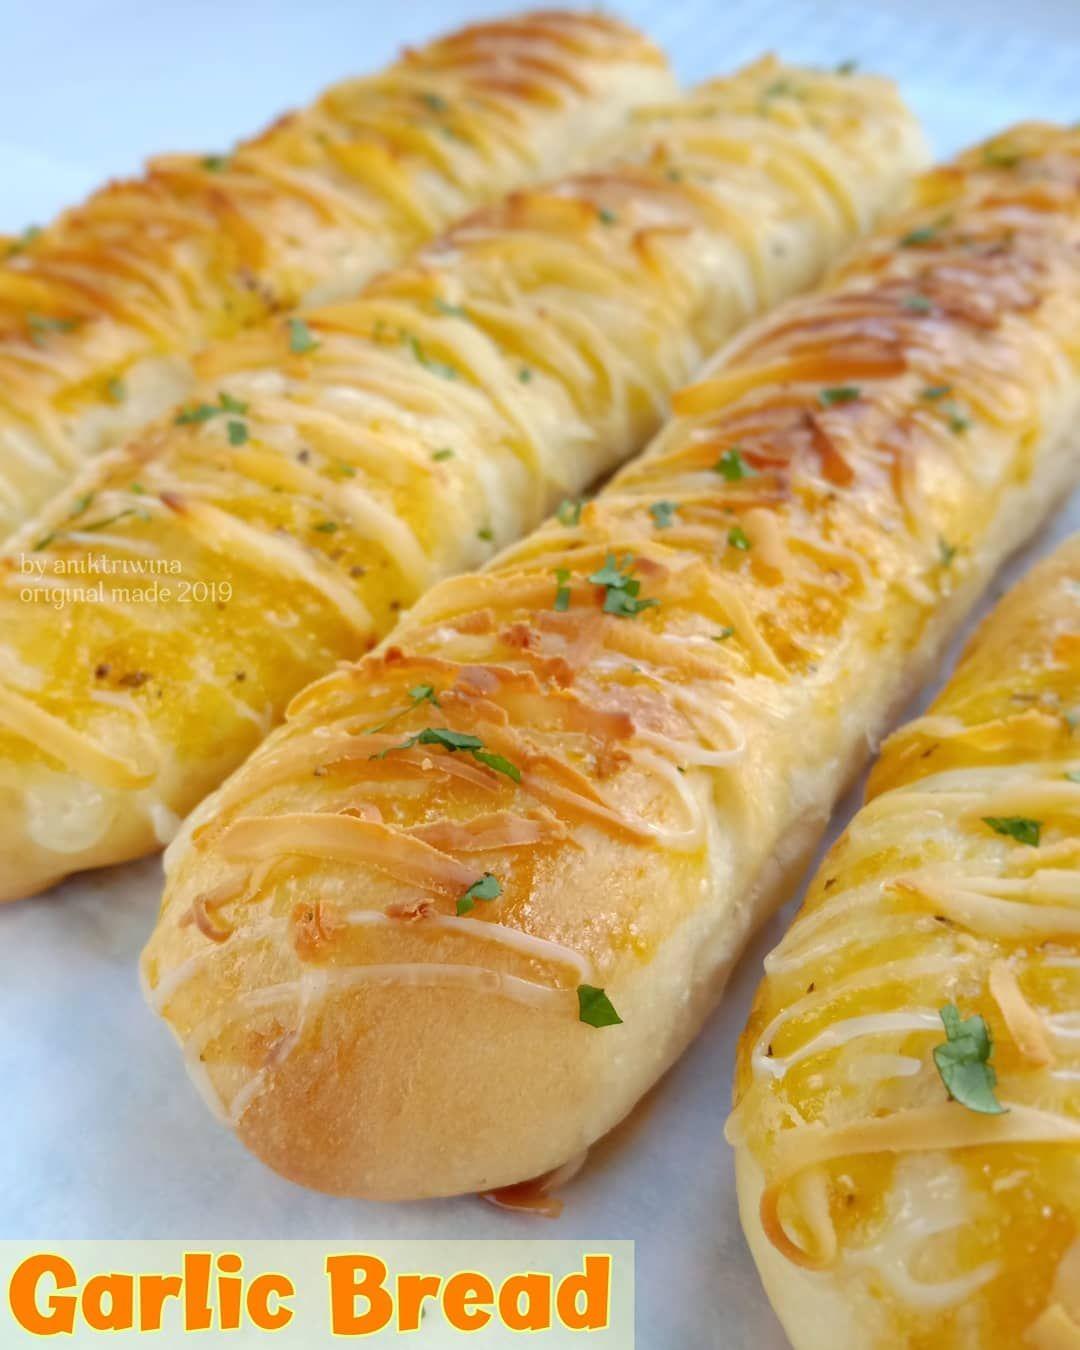 Resep Garlic Bread Mayonaise Kesukaan Anak Anak Resep Spesial Roti Garlic Makanan Dan Minuman Resep Sarapan